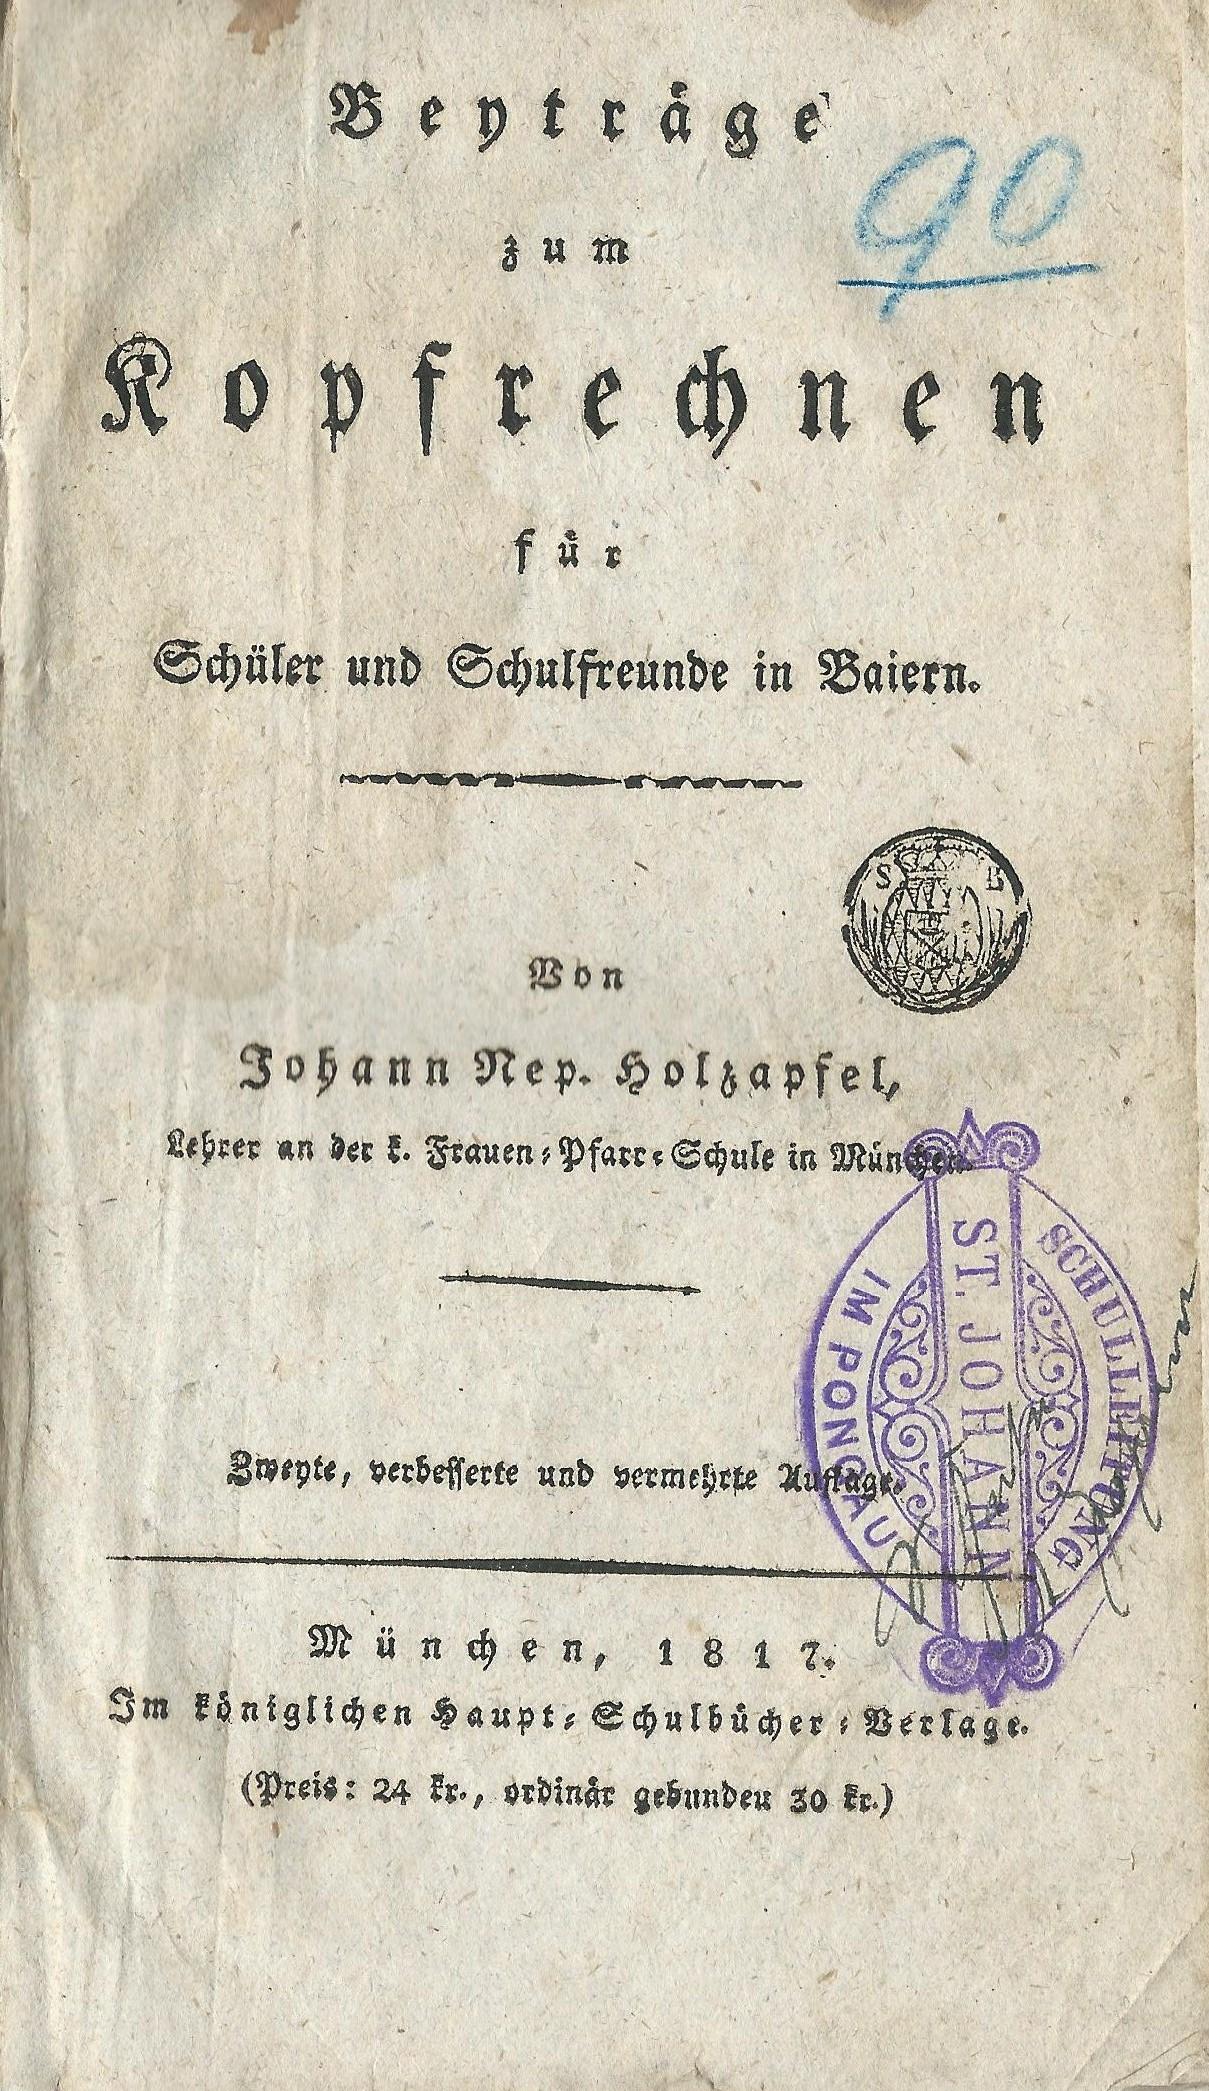 Beyträge zum Kopfrechnen, München 1817